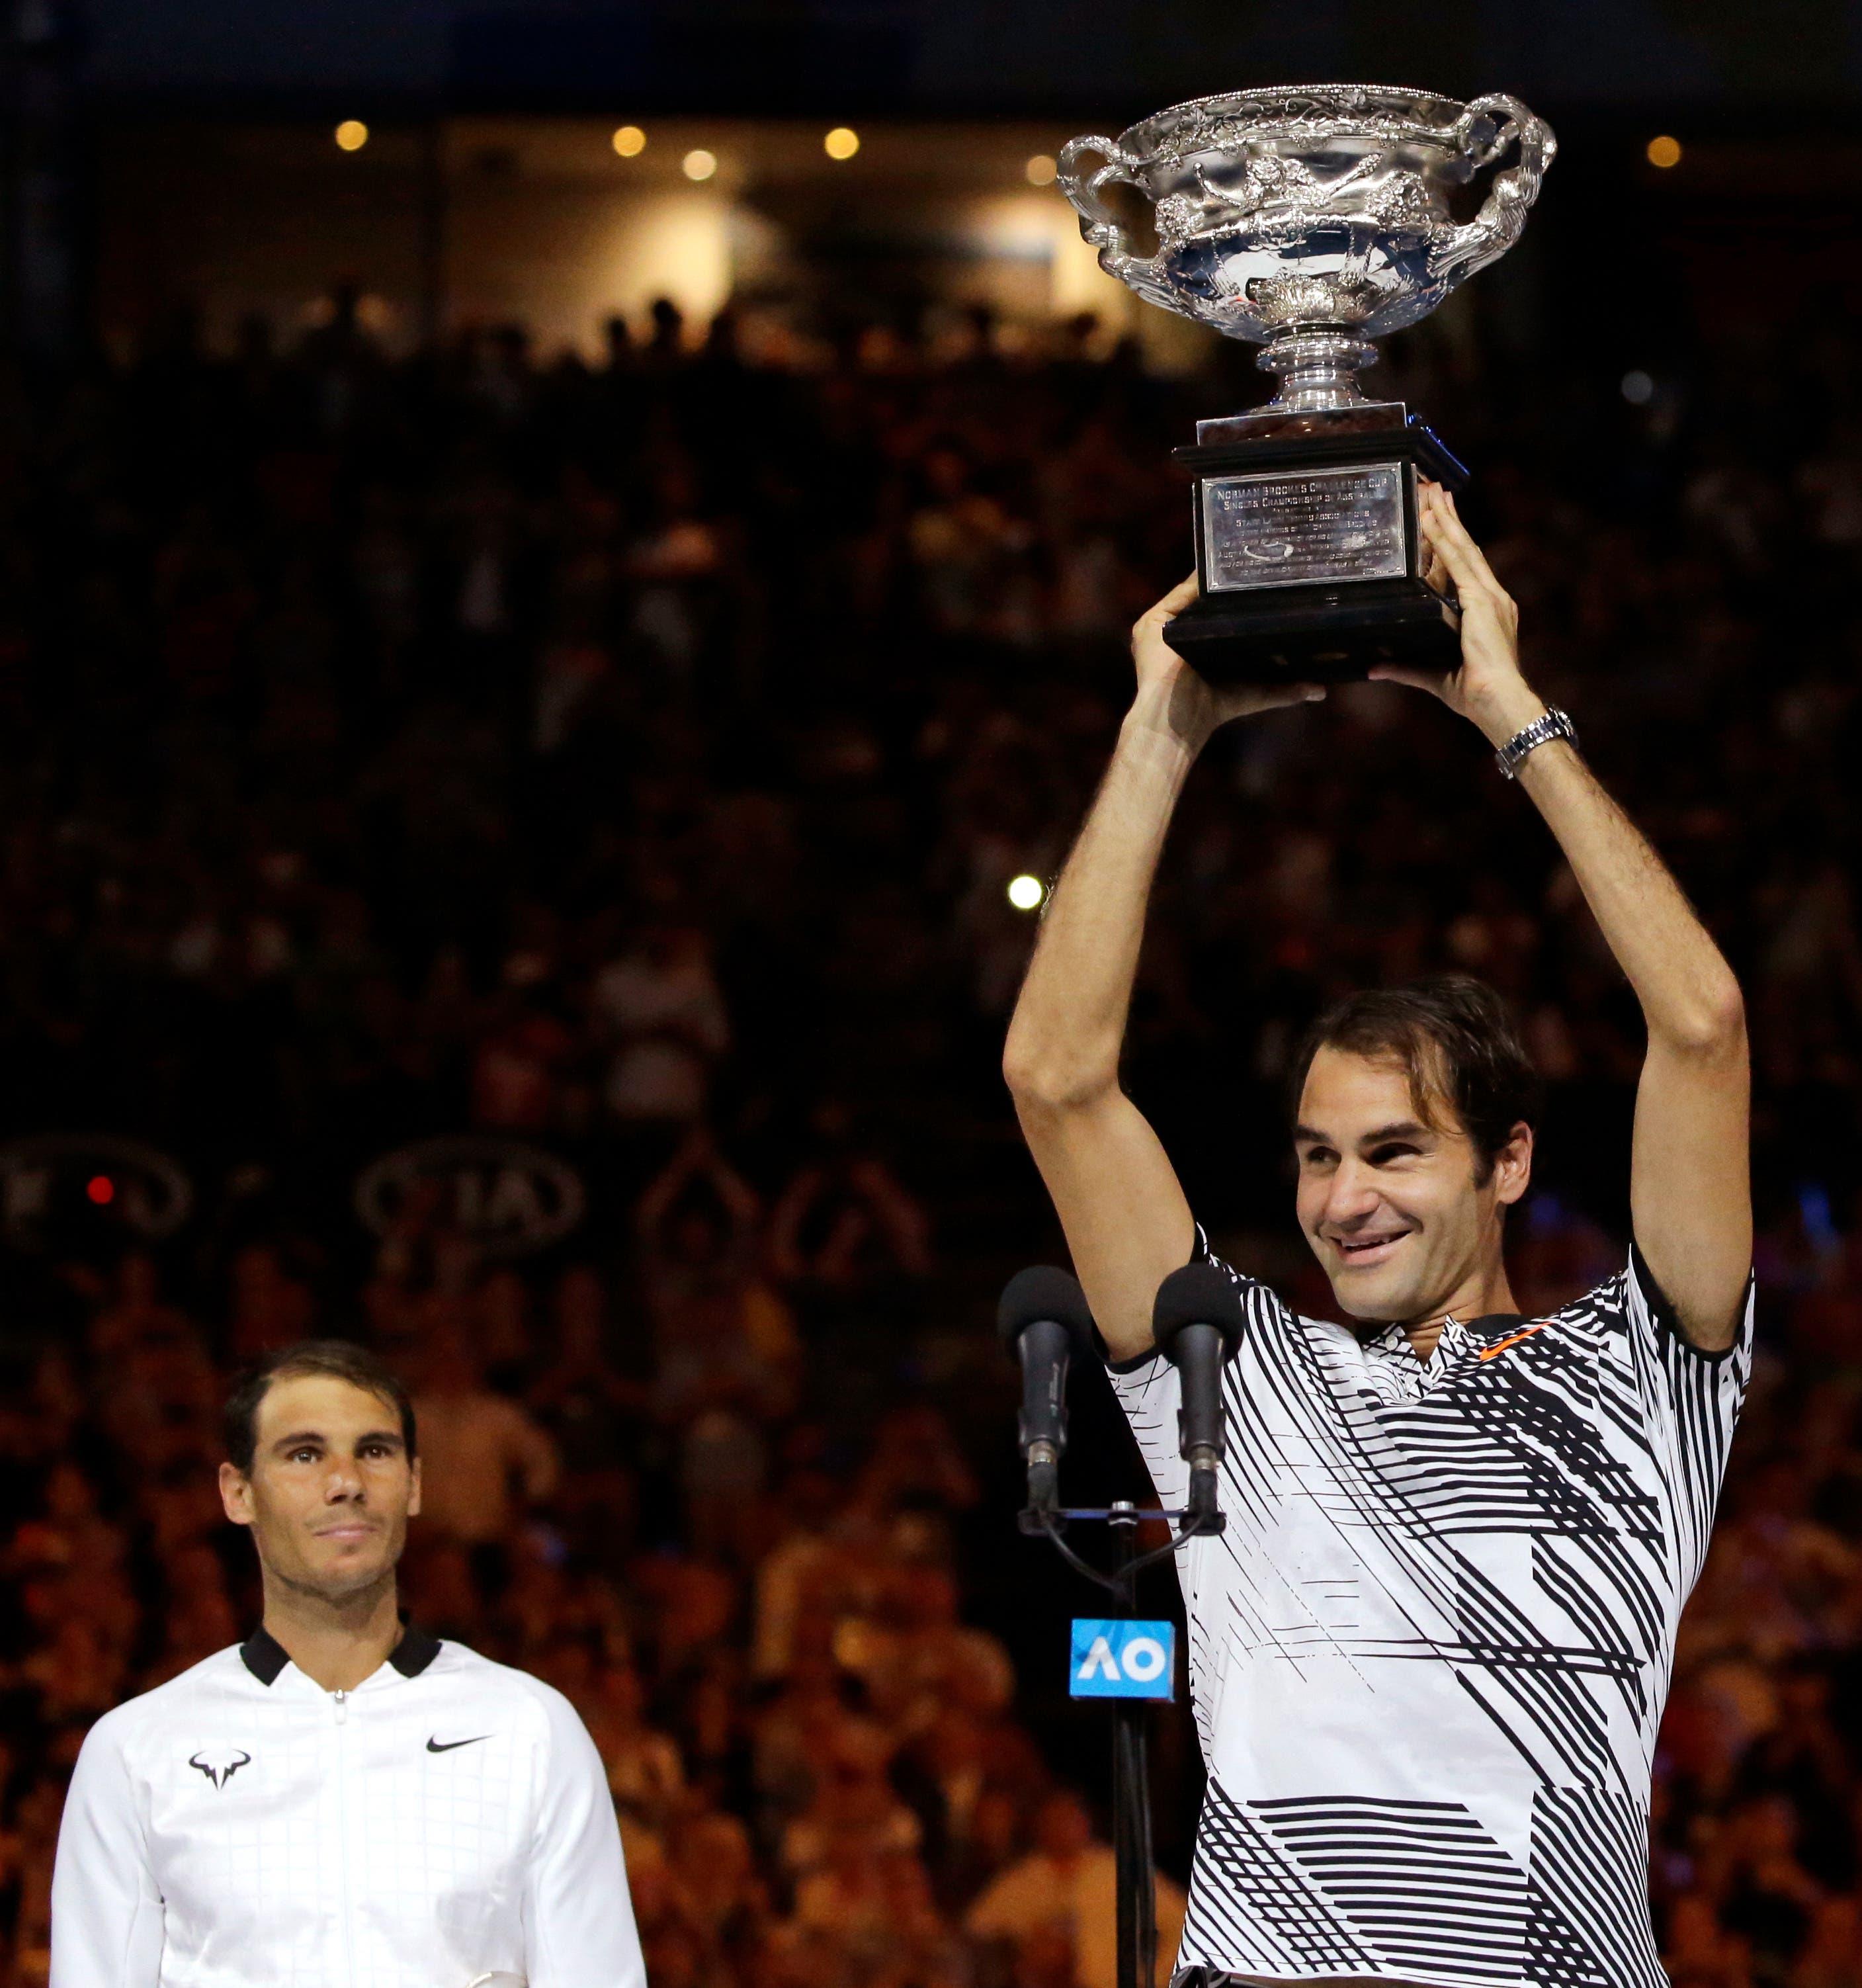 Überglücklich: Roger Federer stemmt den Pokal in die Höhe. Rafael Nadal erweist sich aus sehr fairer Verlierer.